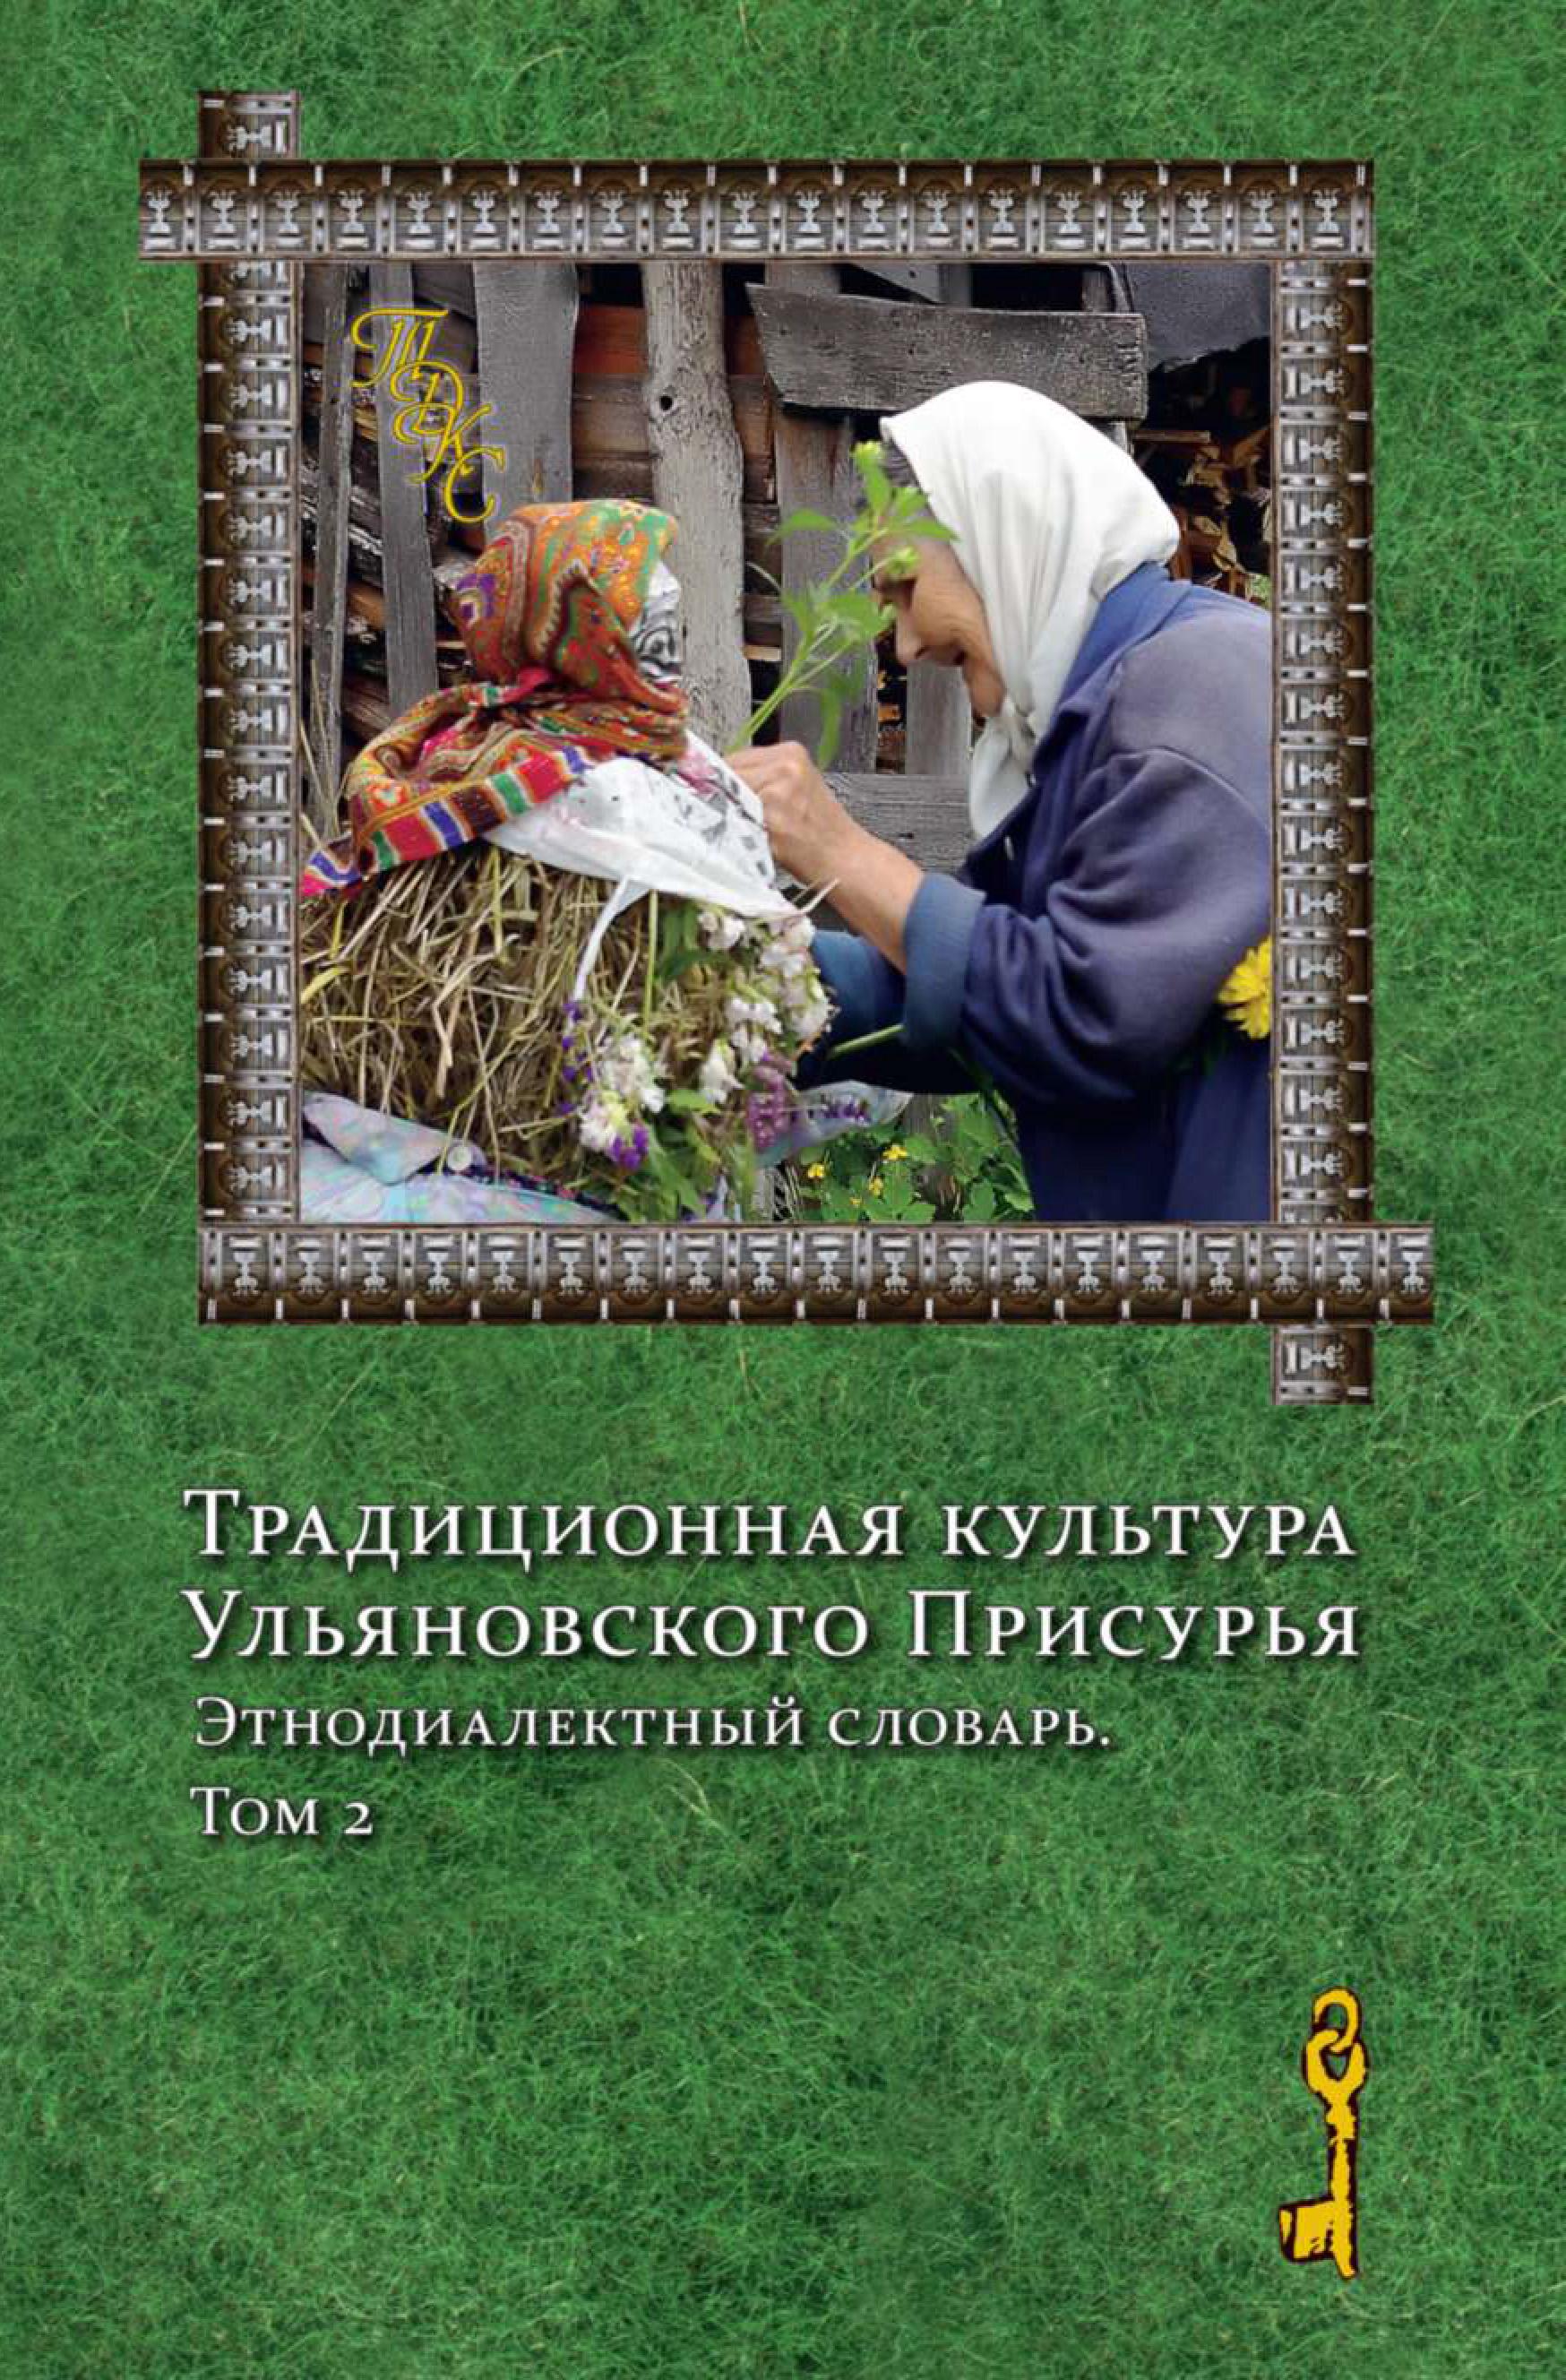 Традиционная культура Ульяновского Присурья. Этнодиалектный словарь. Том 2